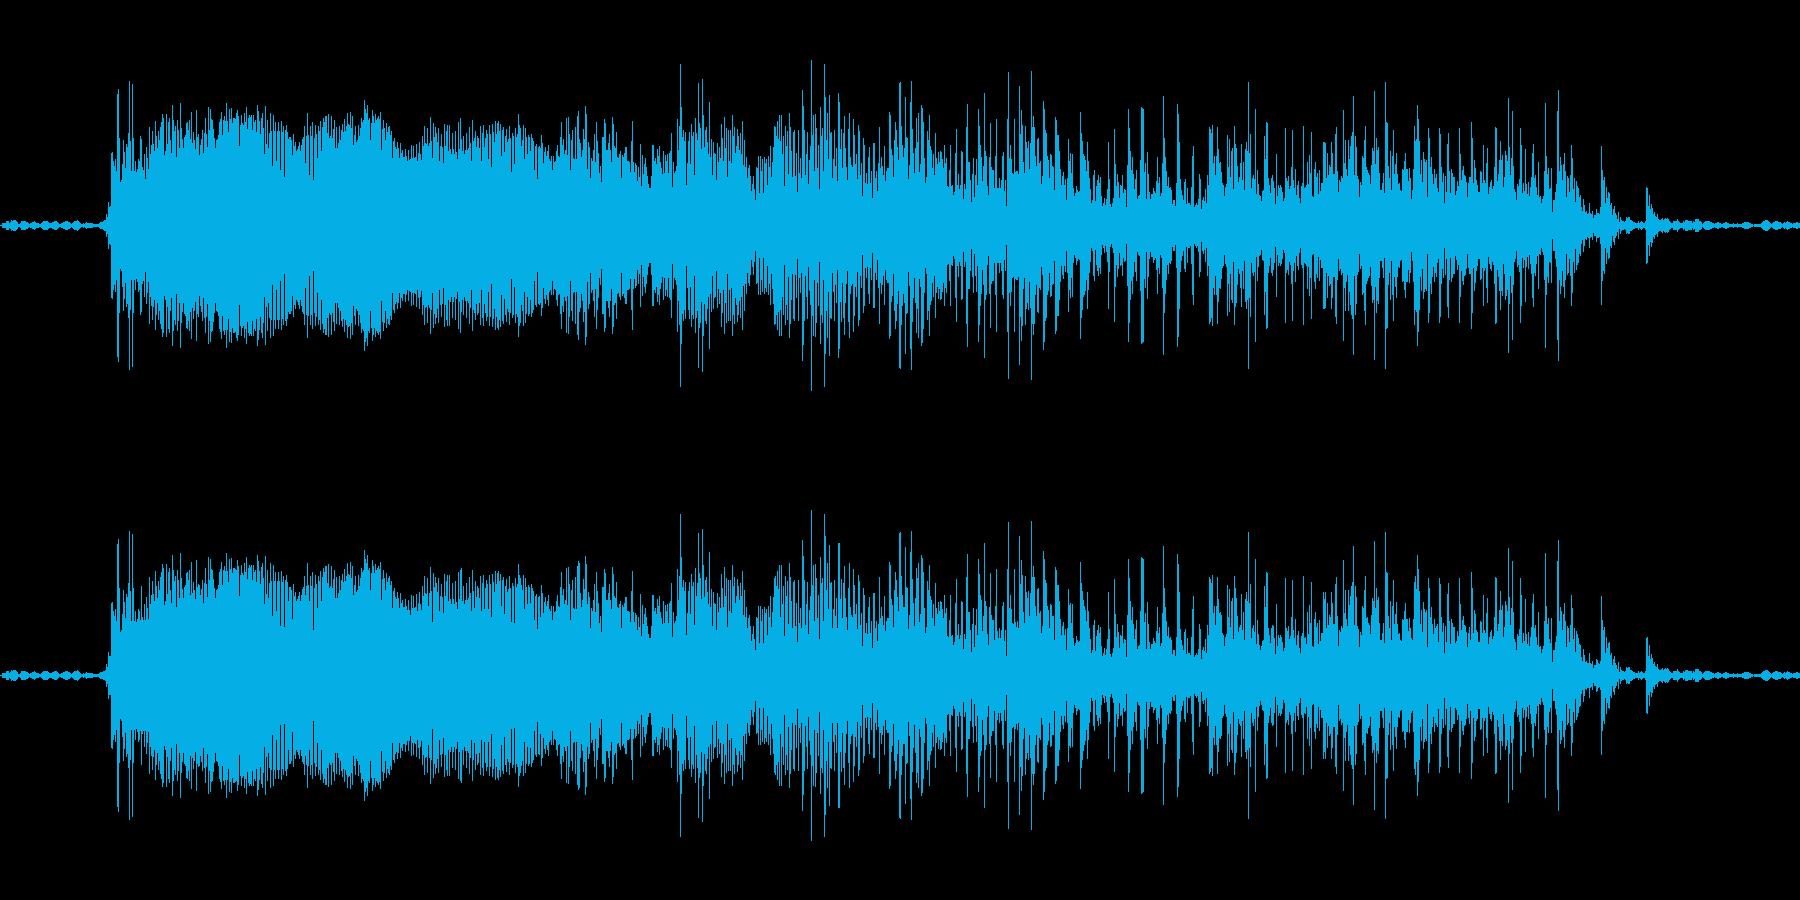 うわあ(濁っている感じ)の再生済みの波形